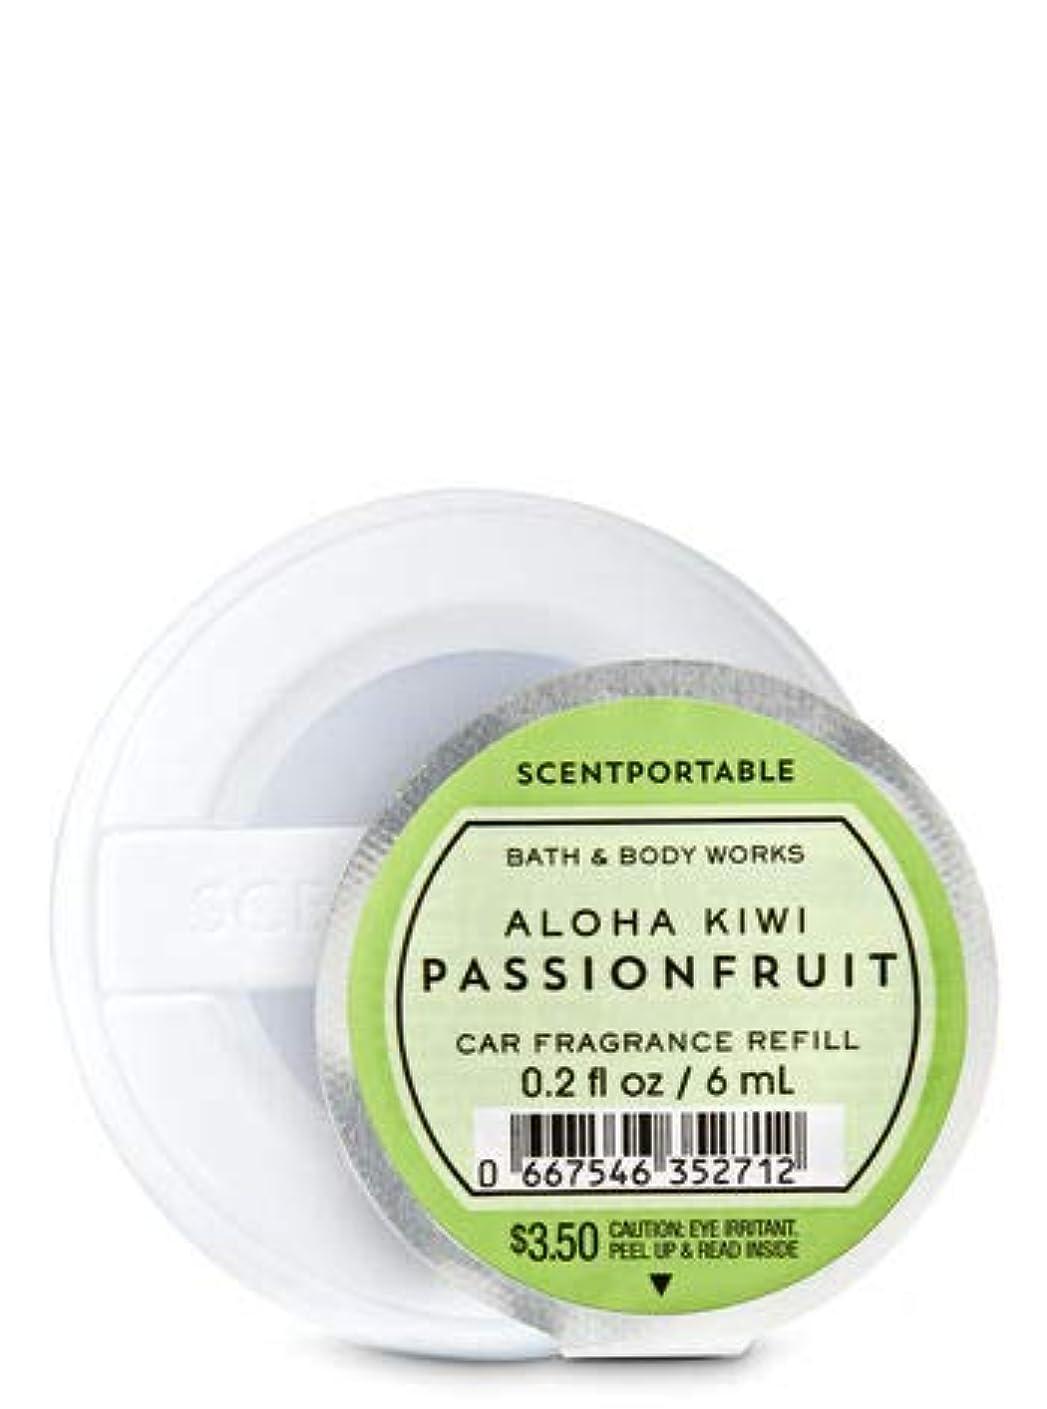 架空の気怠い頑固な【Bath&Body Works/バス&ボディワークス】 クリップ式芳香剤 セントポータブル詰替えリフィル アロハキウイパッションフルーツ Scentportable Fragrance Refill Aloha Kiwi Passionfruit [並行輸入品]